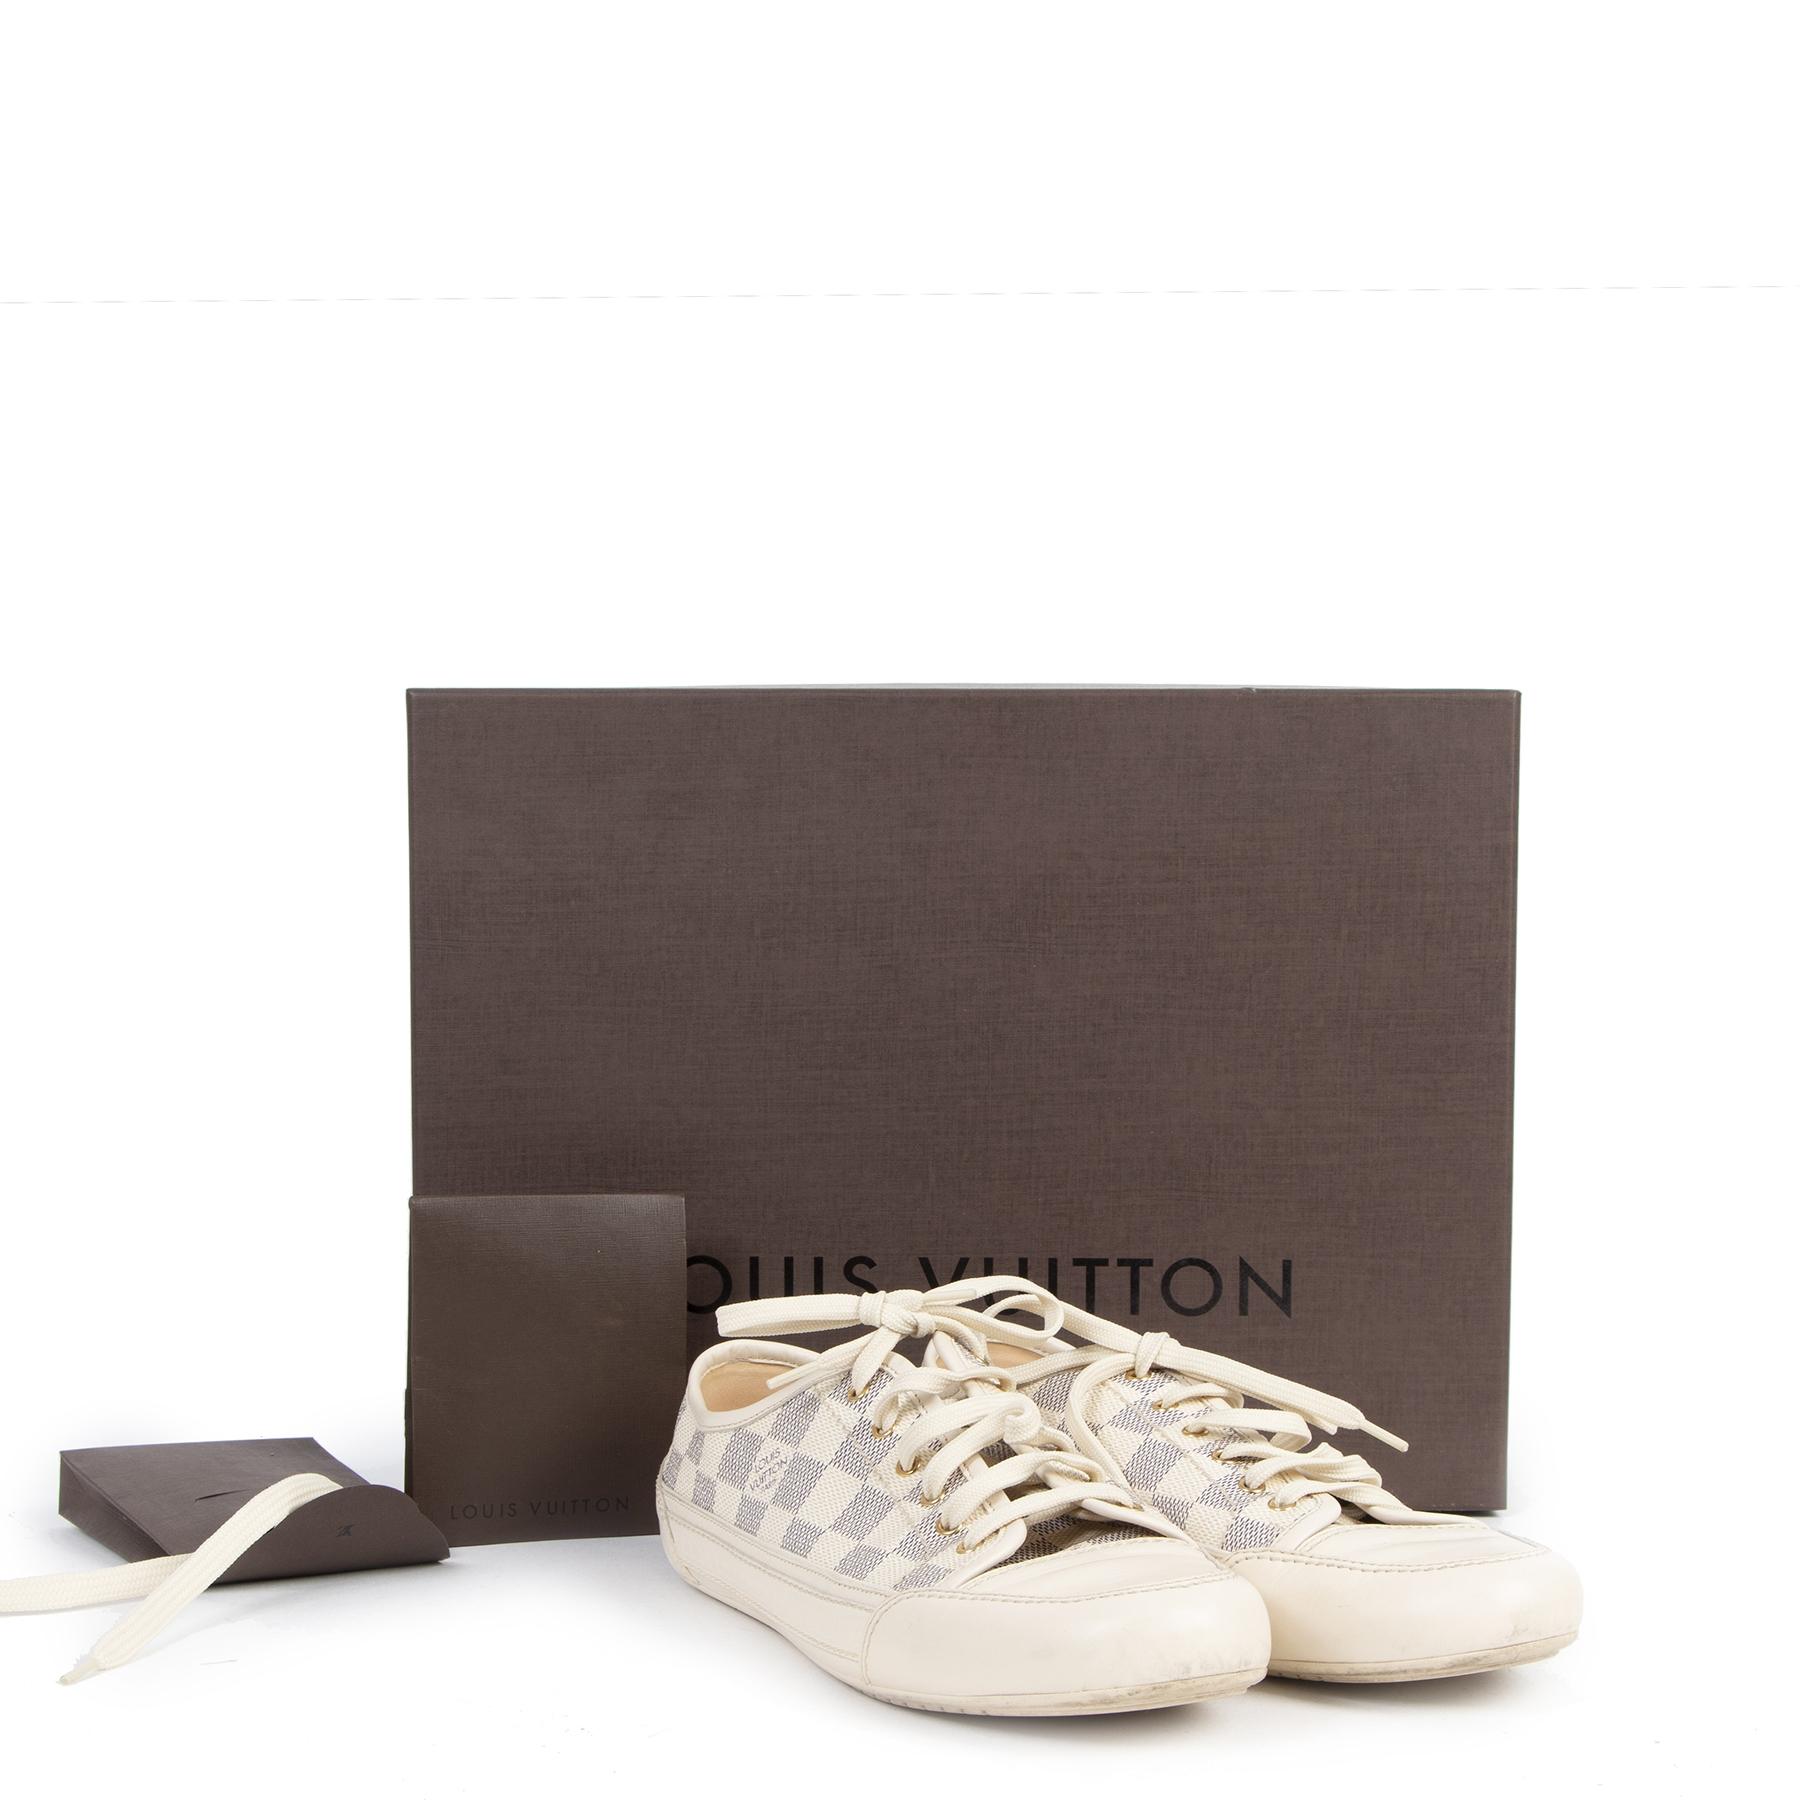 Authentic second-hand vintage Louis Vuitton Damier Azur Sneakers - Size 40 buy online webshop LabelLOV